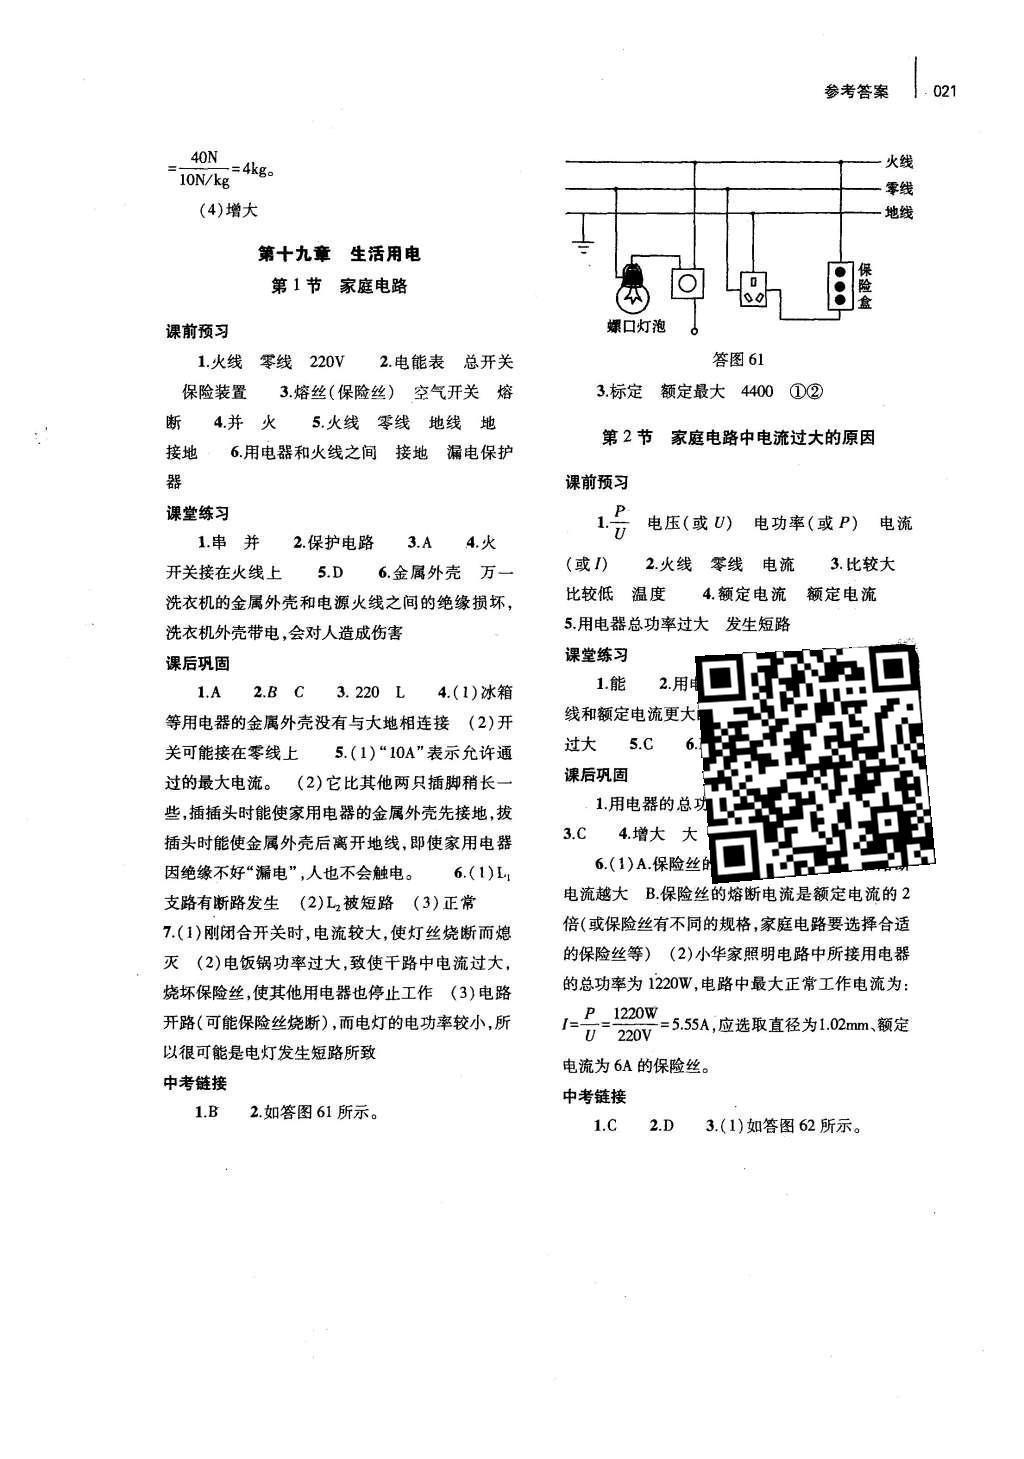 2015年基础训练九年级物理全一册人教版河南省内使用参考答案第33页